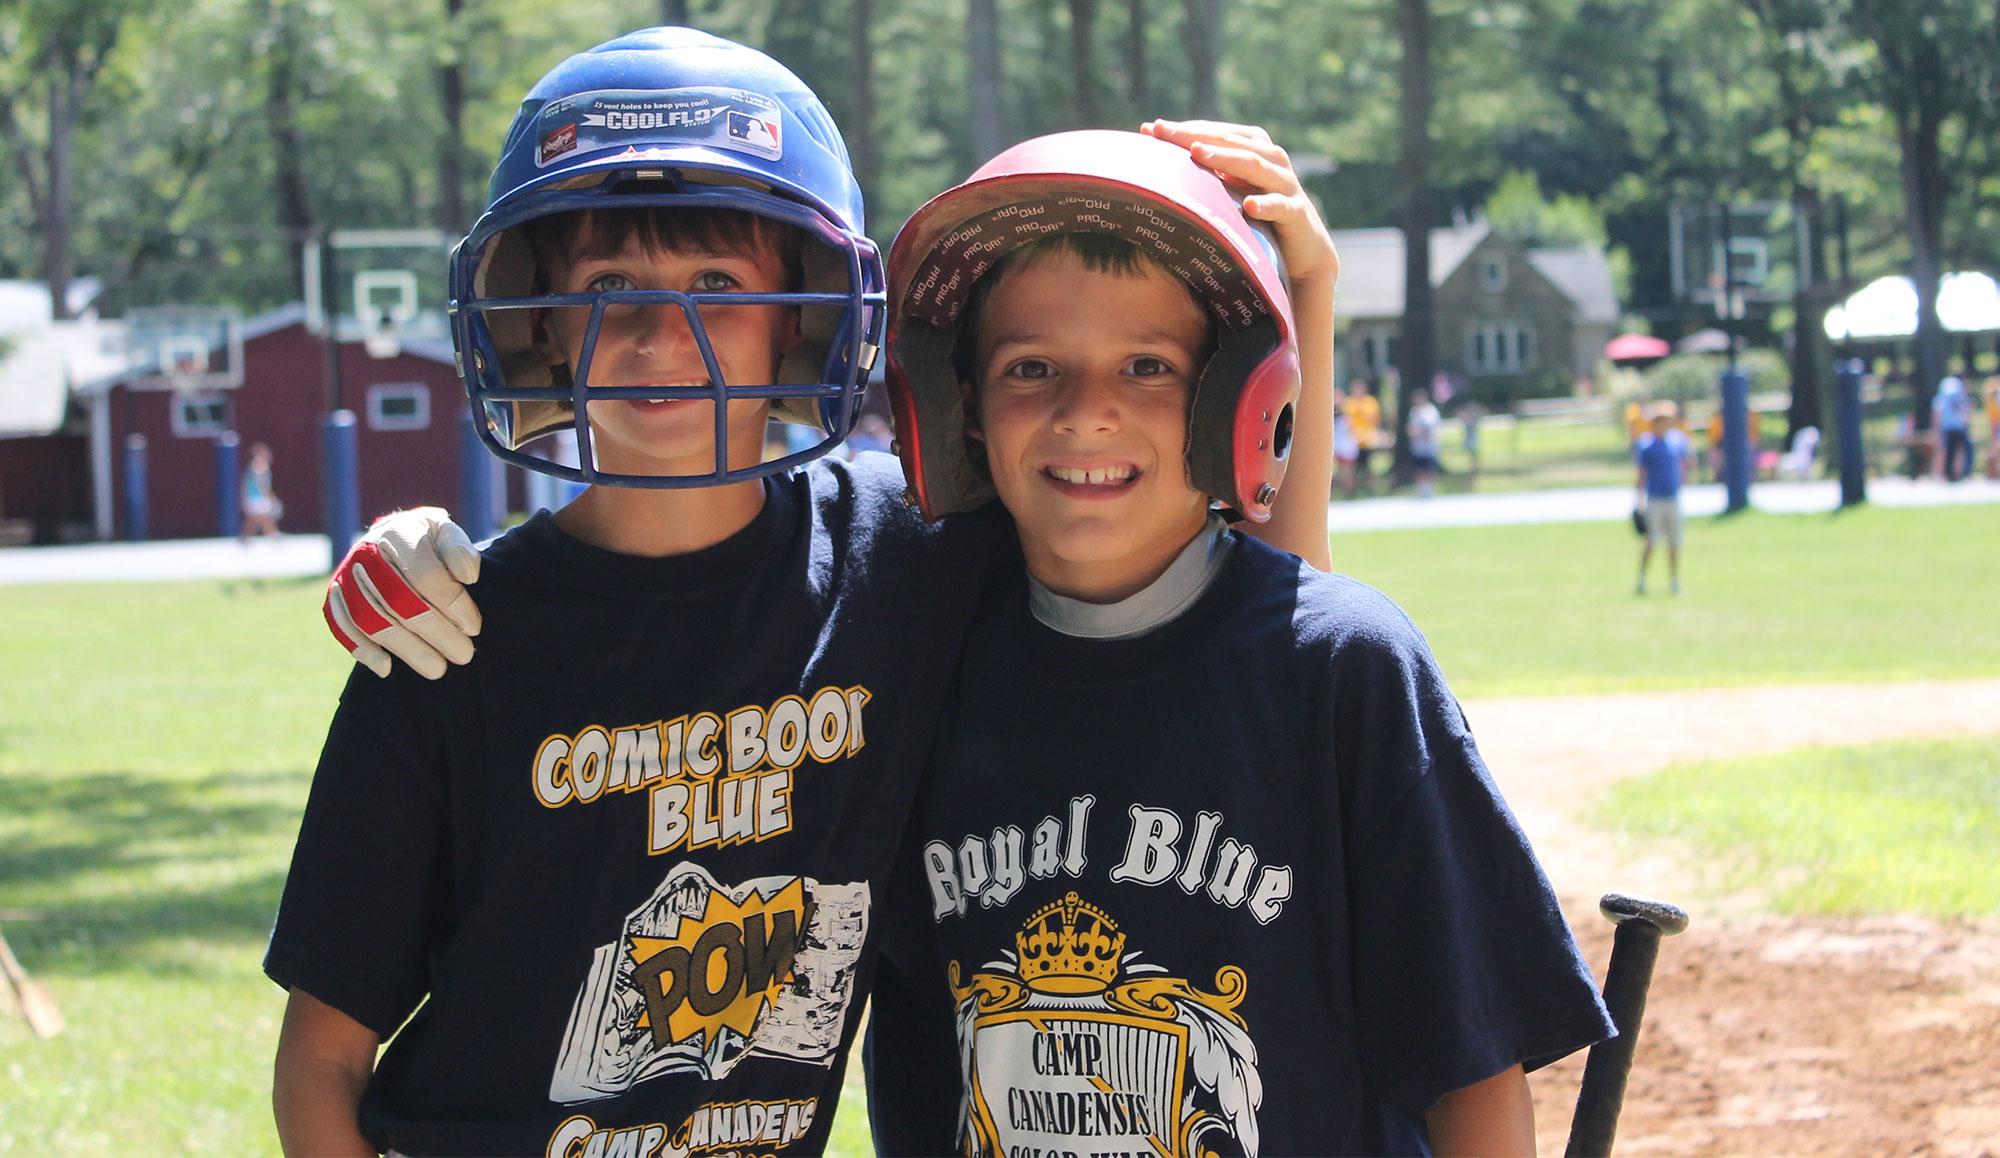 Image of Boys Playing Baseball - Summer Sports at Camp